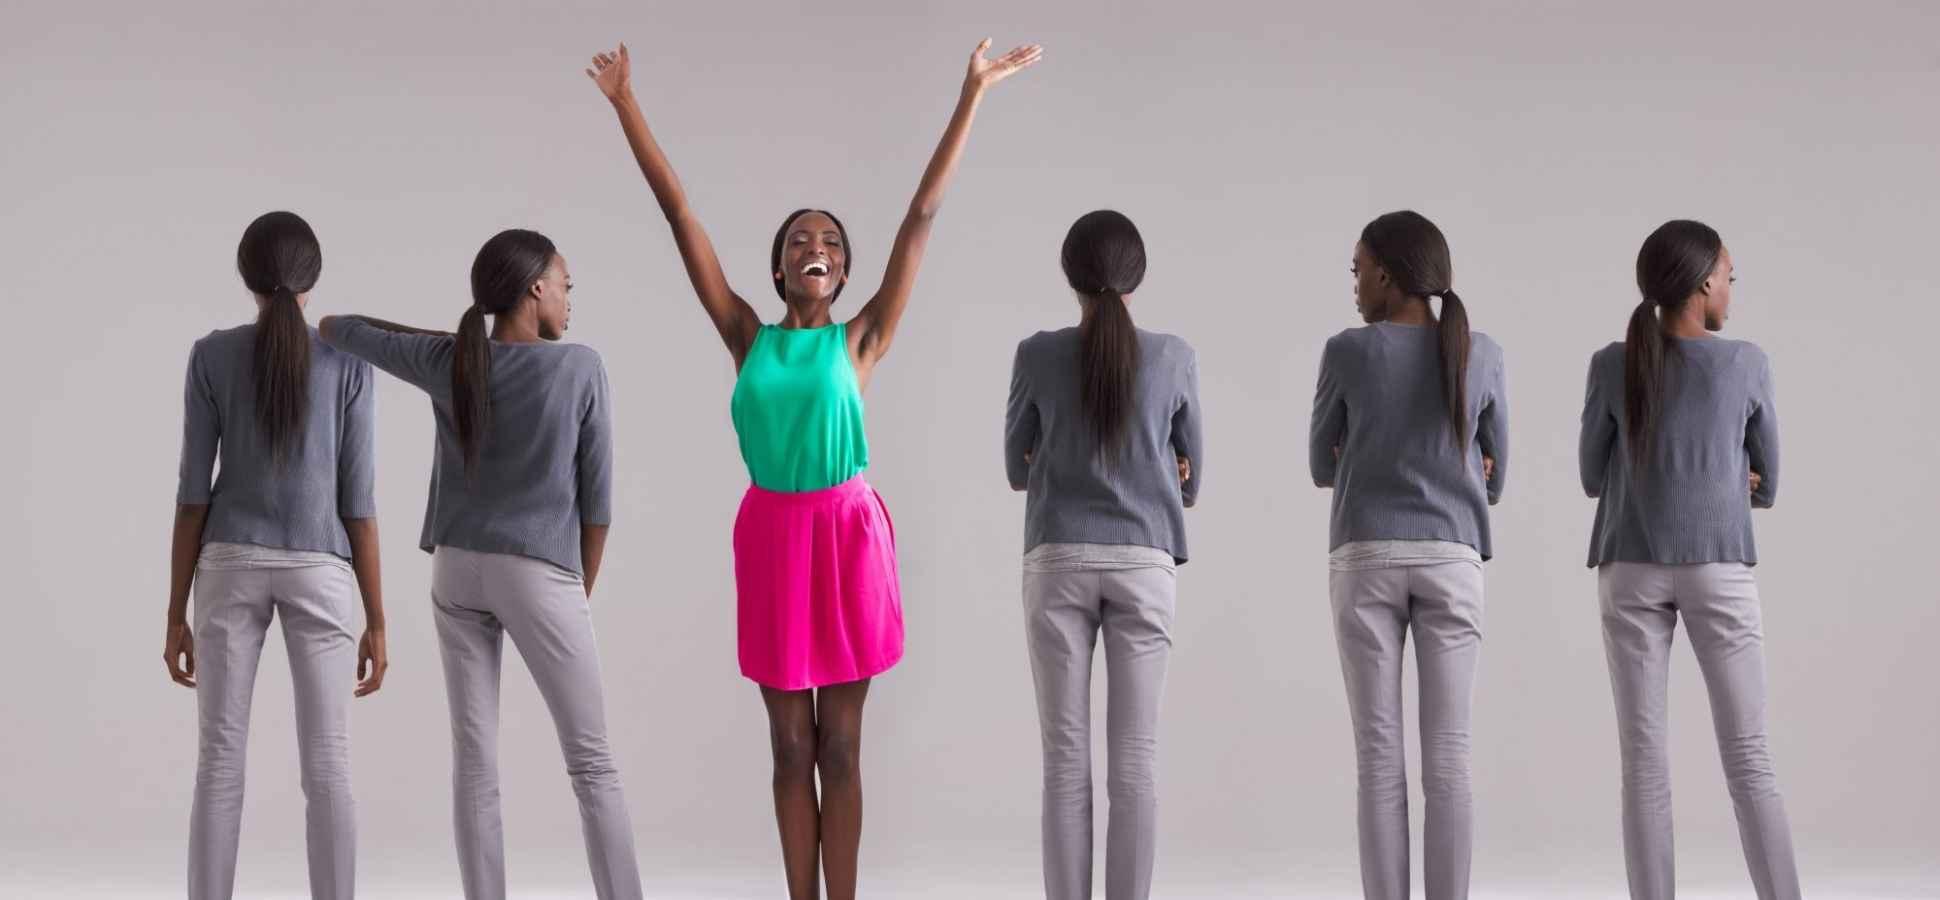 6-Steps-to-a-Positive-Mindset